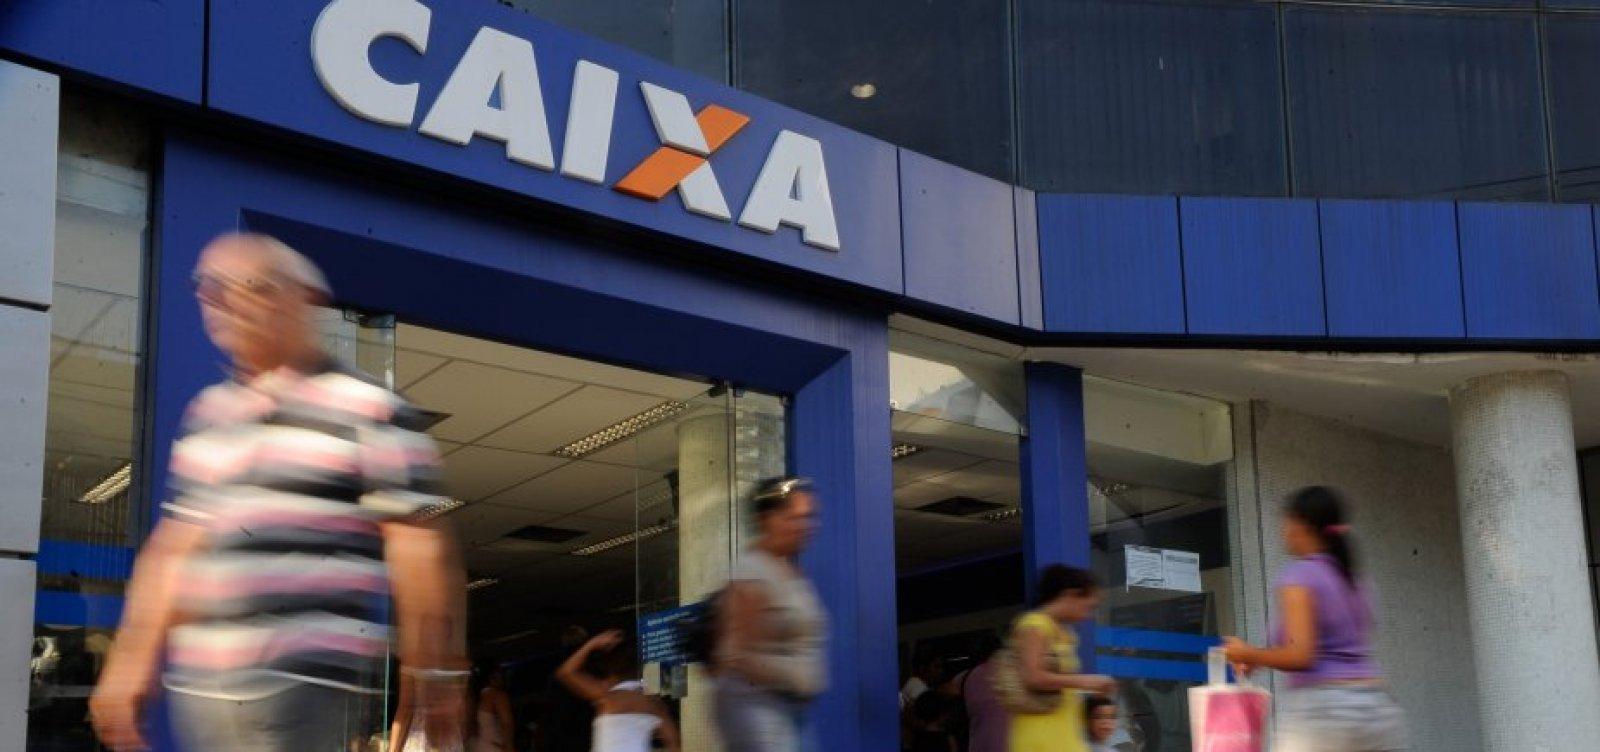 [Auxílio Emergencial: Caixa vai abrir 770 agências para pagamento neste sábado]